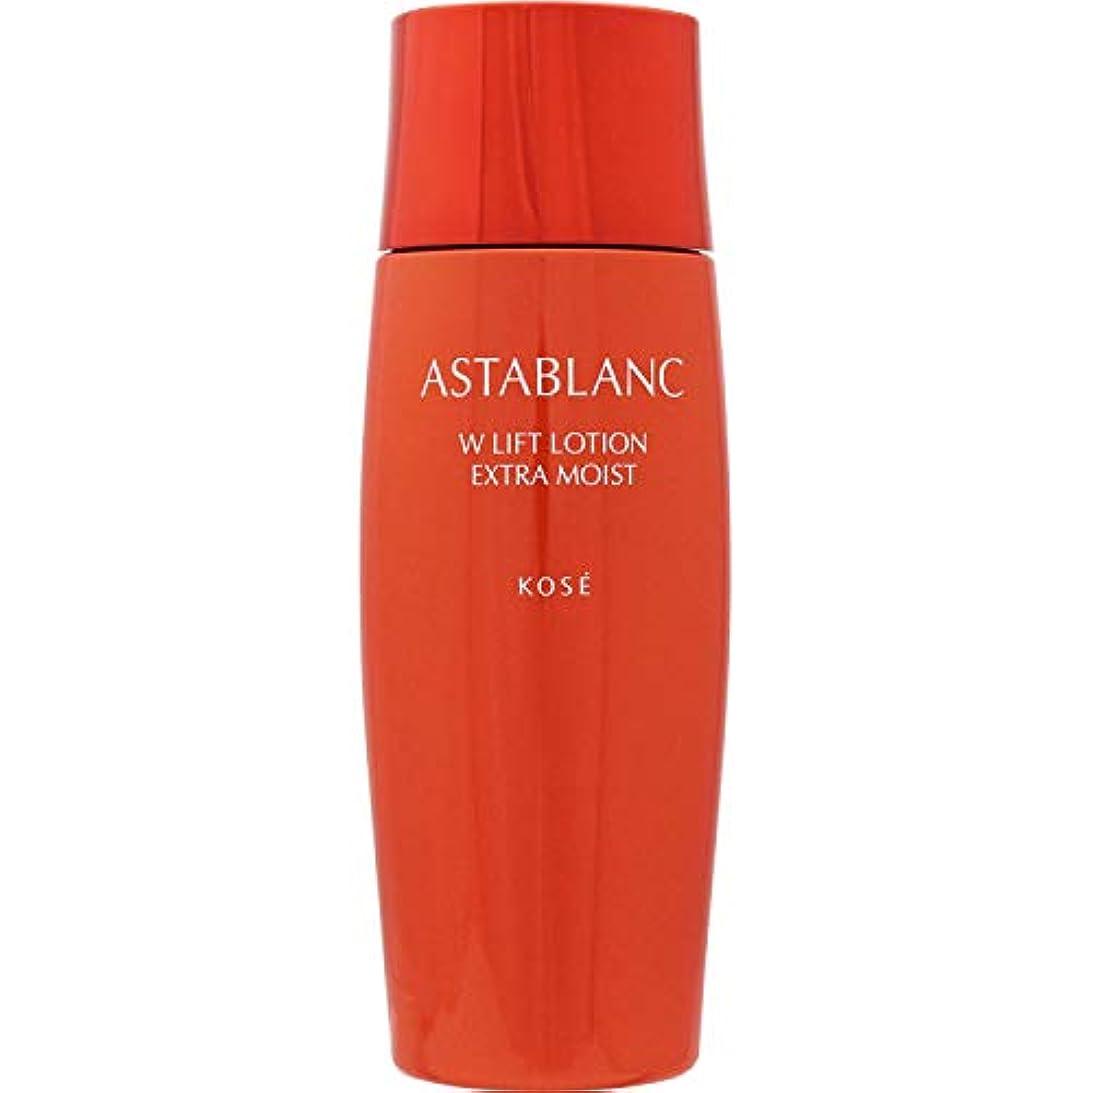 承認する意味スピーチASTABLANC(アスタブラン) アスタブラン Wリフト ローション とてもしっとり 化粧水 140mL